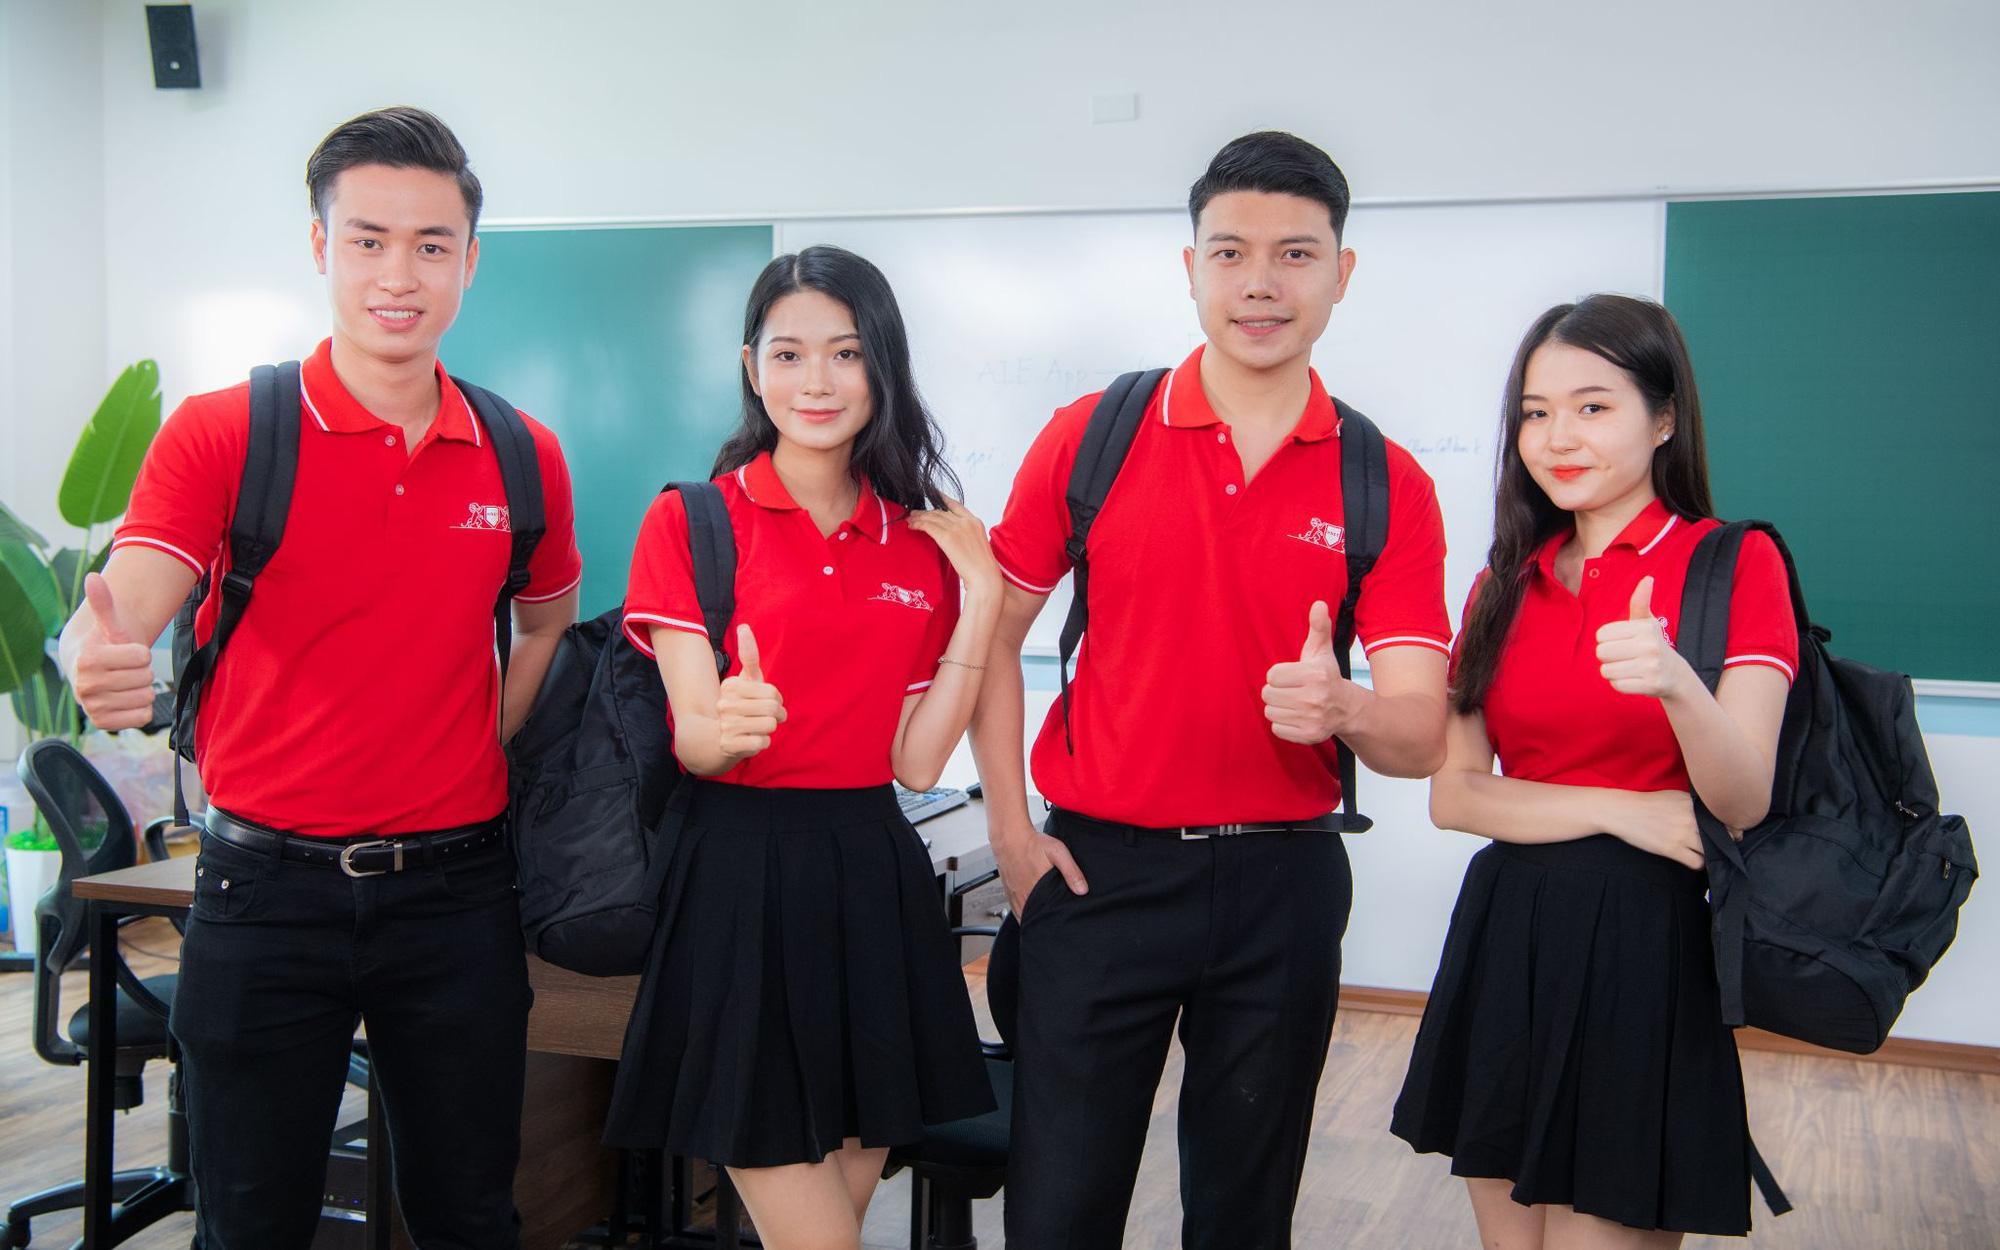 Cao đẳng Kinh Tế - Kỹ Thuật Hà Nội - HNET tuyển sinh đào tạo tiêu chuẩn quốc tế